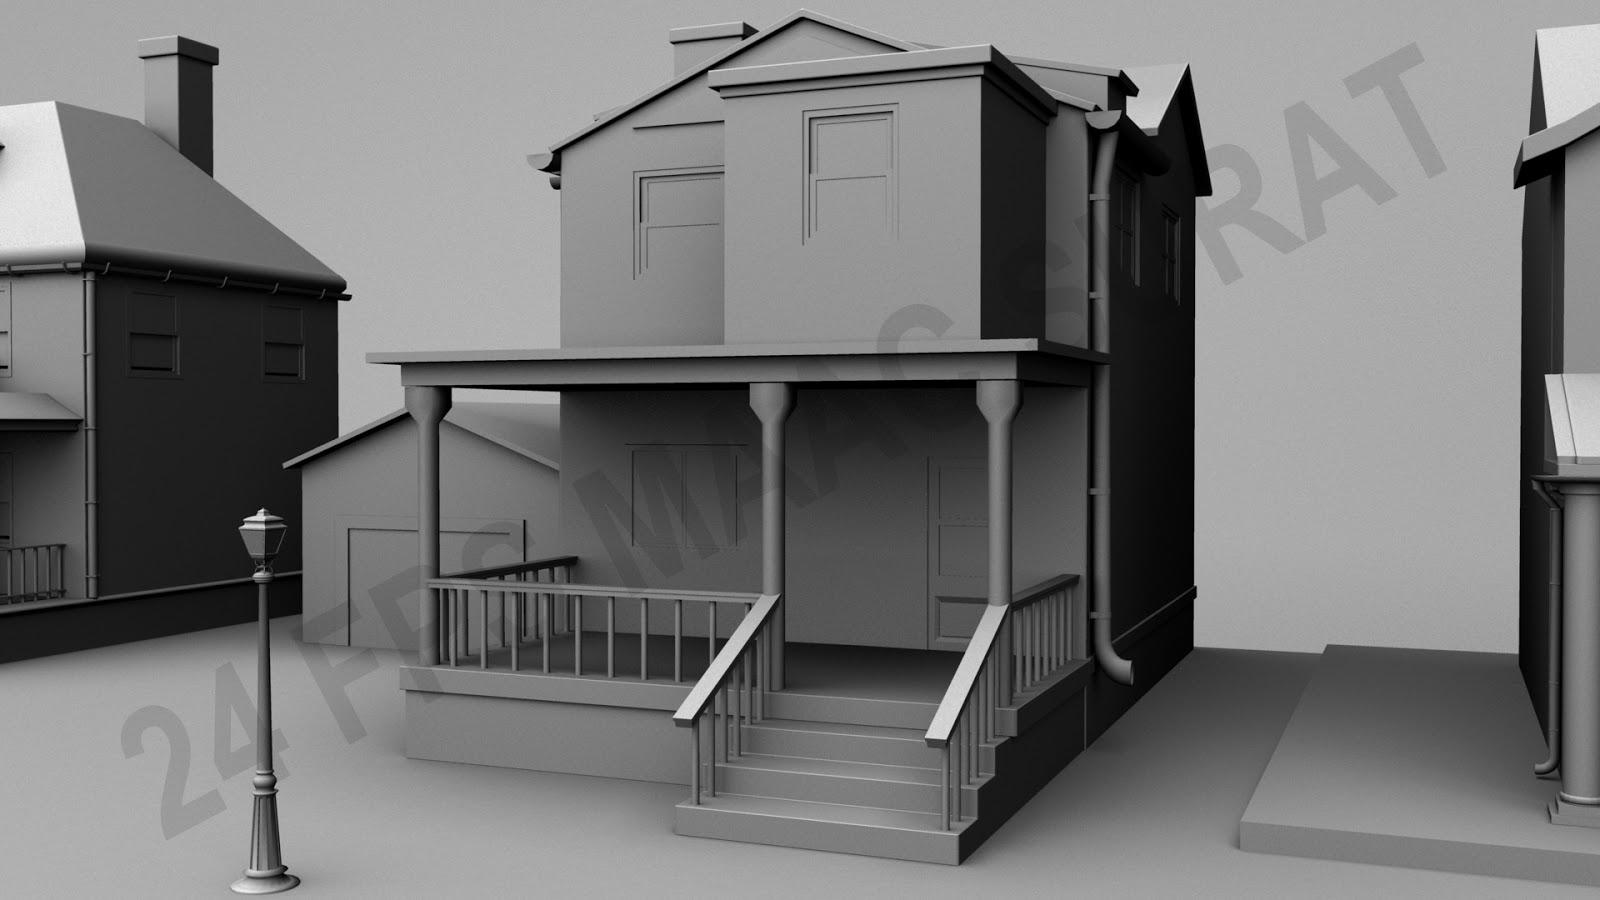 Maac surat 3d exterior models for Exterior 3d model